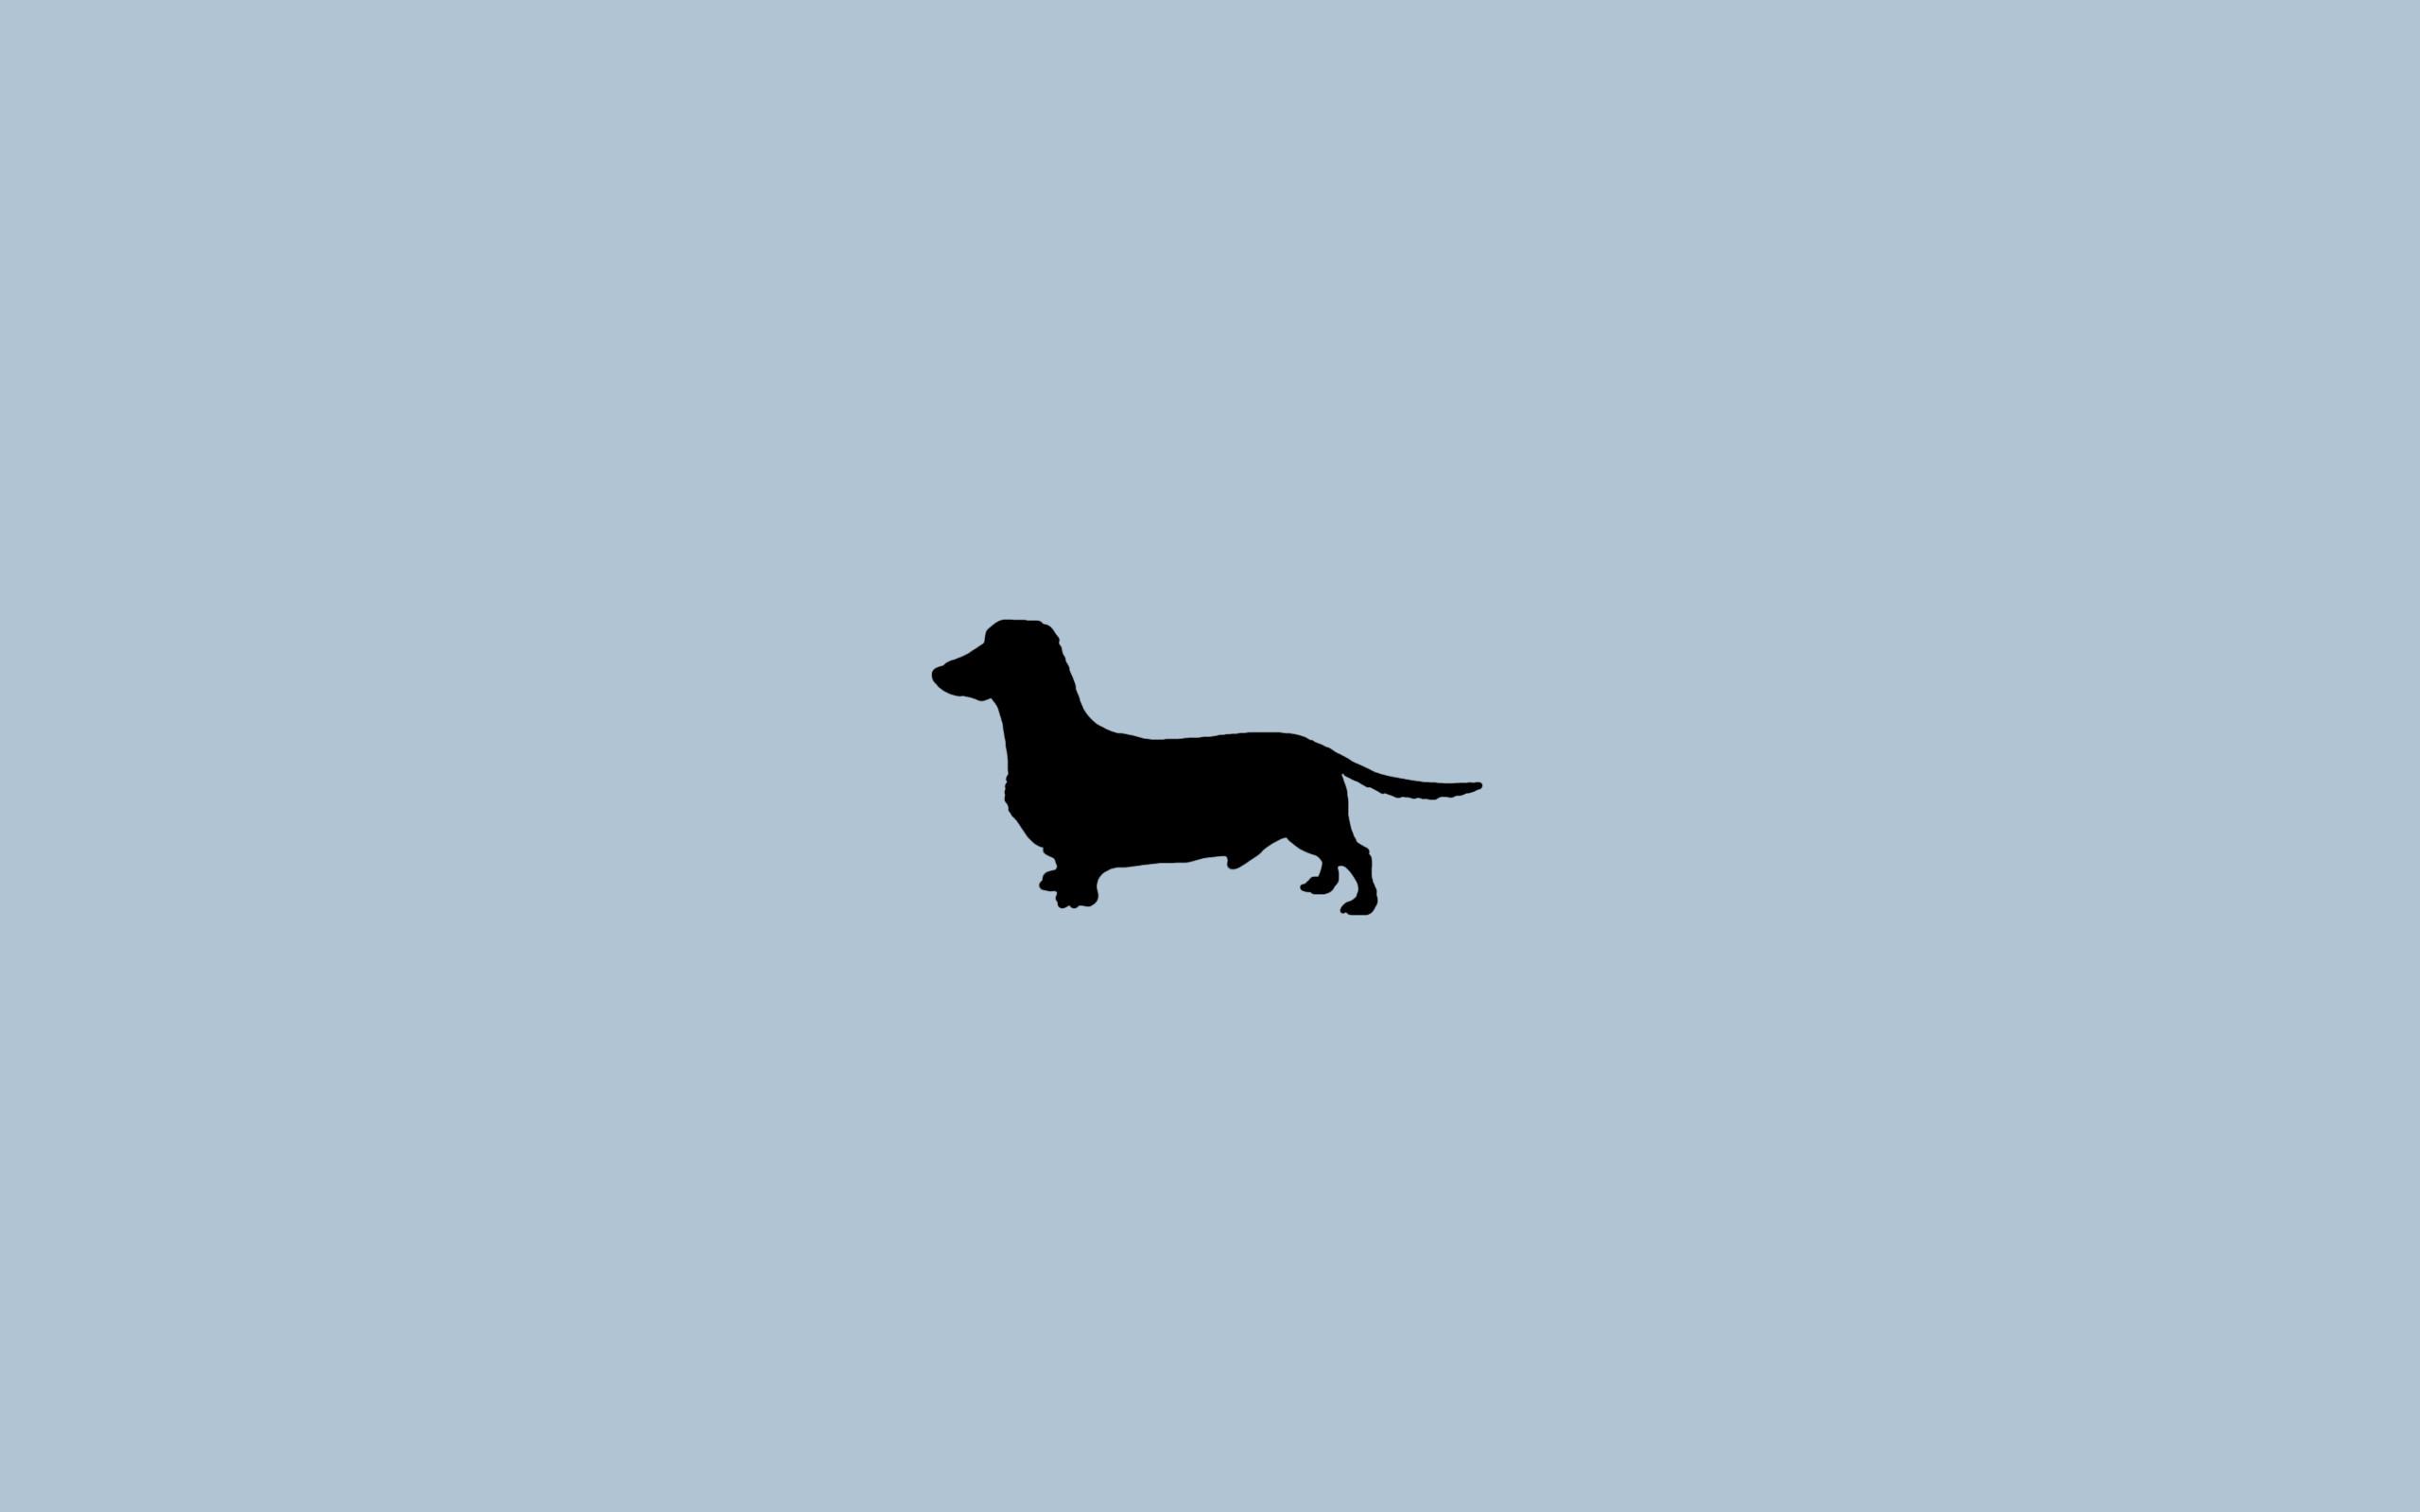 2560x1600 Download Minimalistic Dogs Wallpaper 2560x1600   Wallpoper #365340